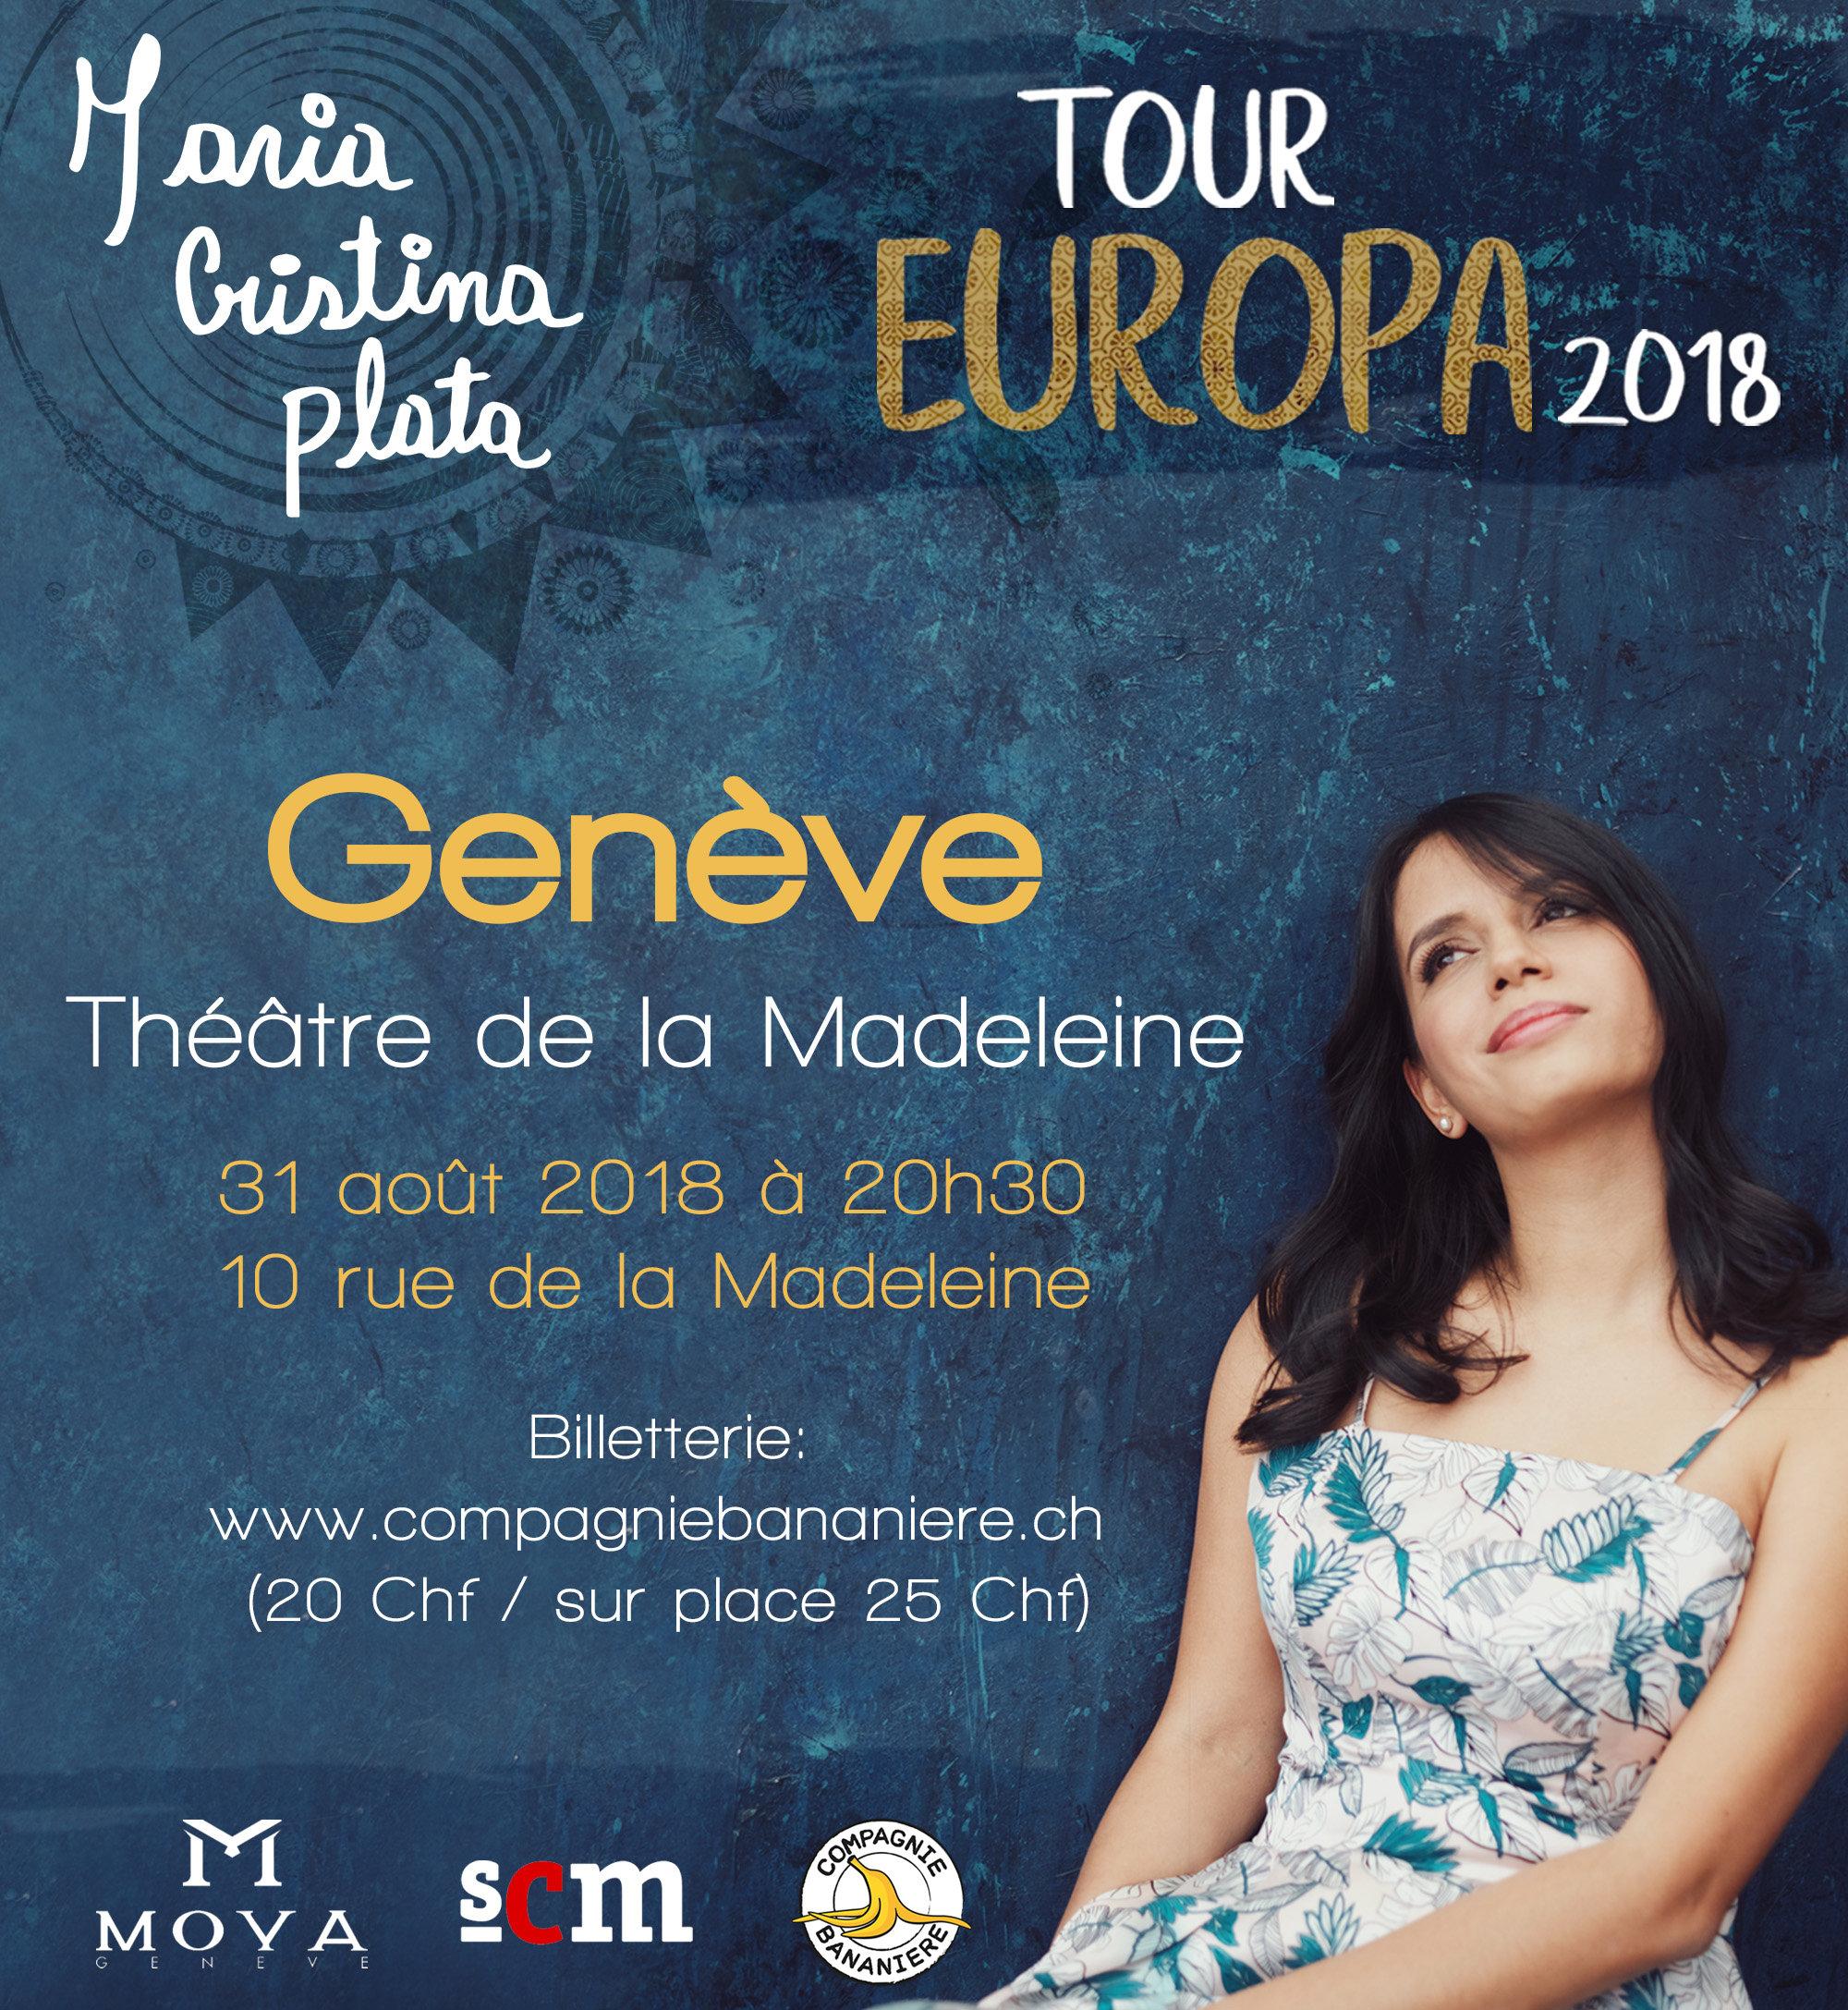 Concert Concert de Maria Cristina Plata